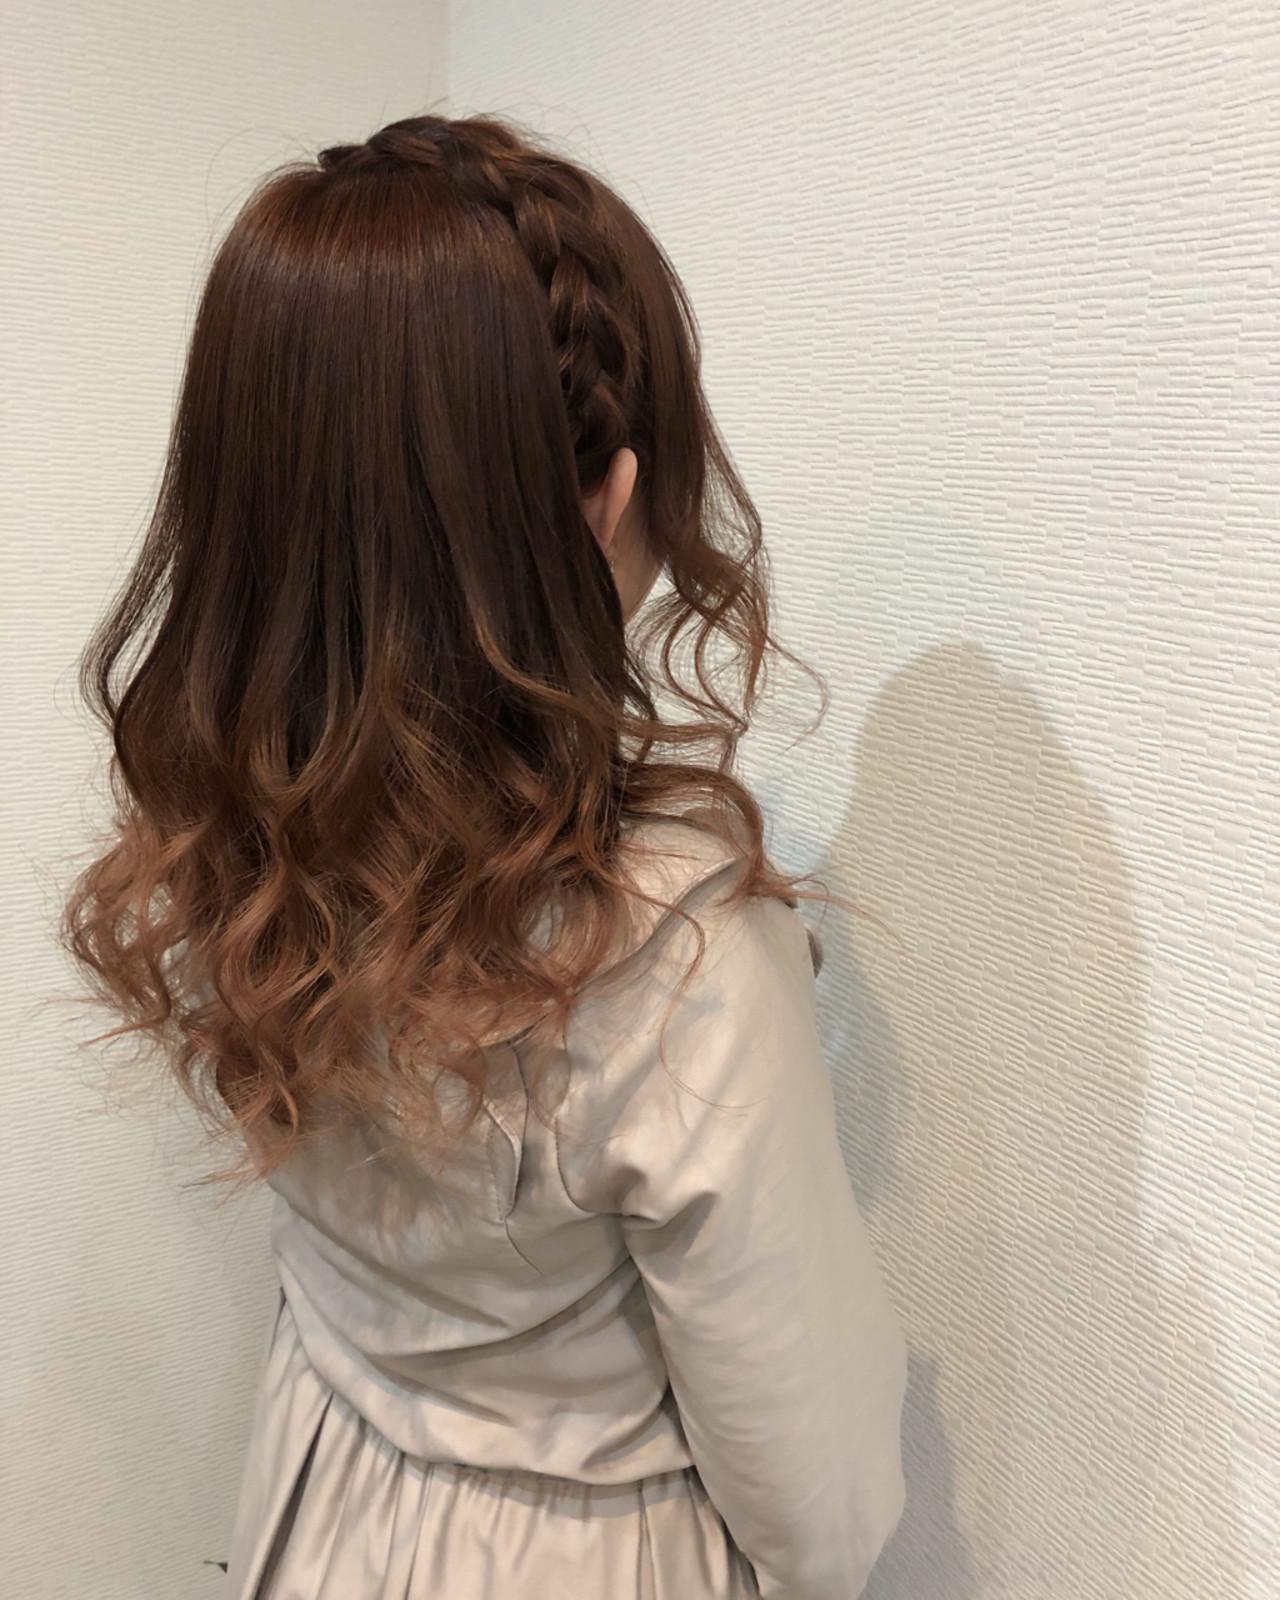 ハーフアップ ガーリー ヘアアレンジ セミロング ヘアスタイルや髪型の写真・画像 | mai / HAIR SALON STELLA